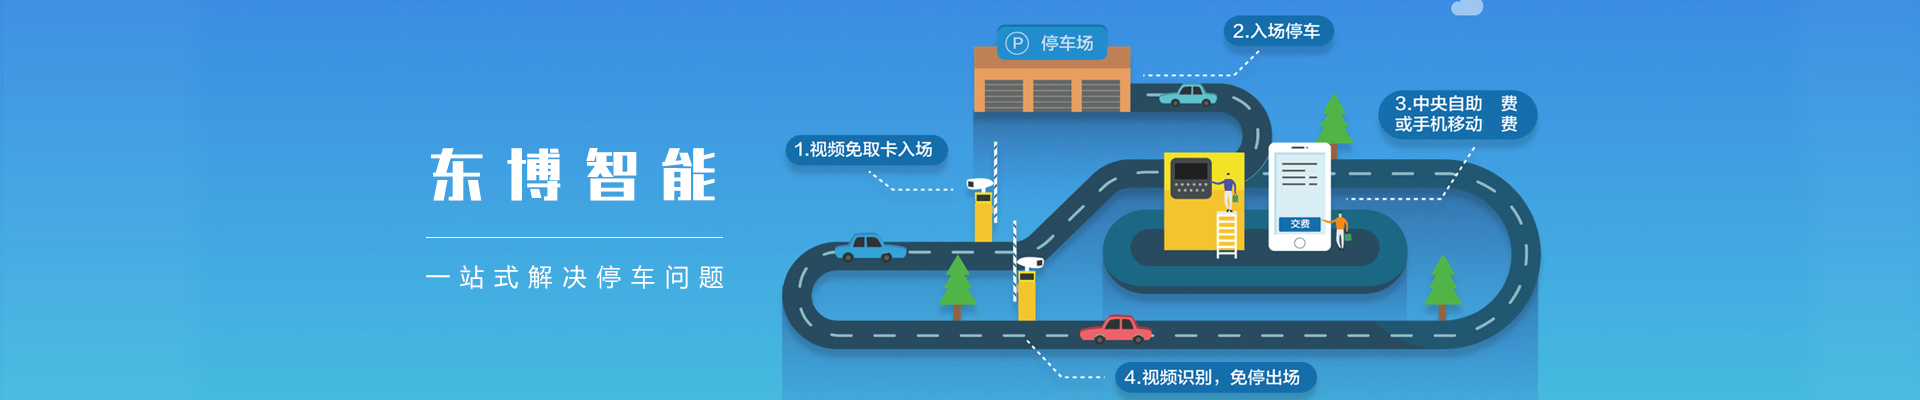 广州智能停车管理